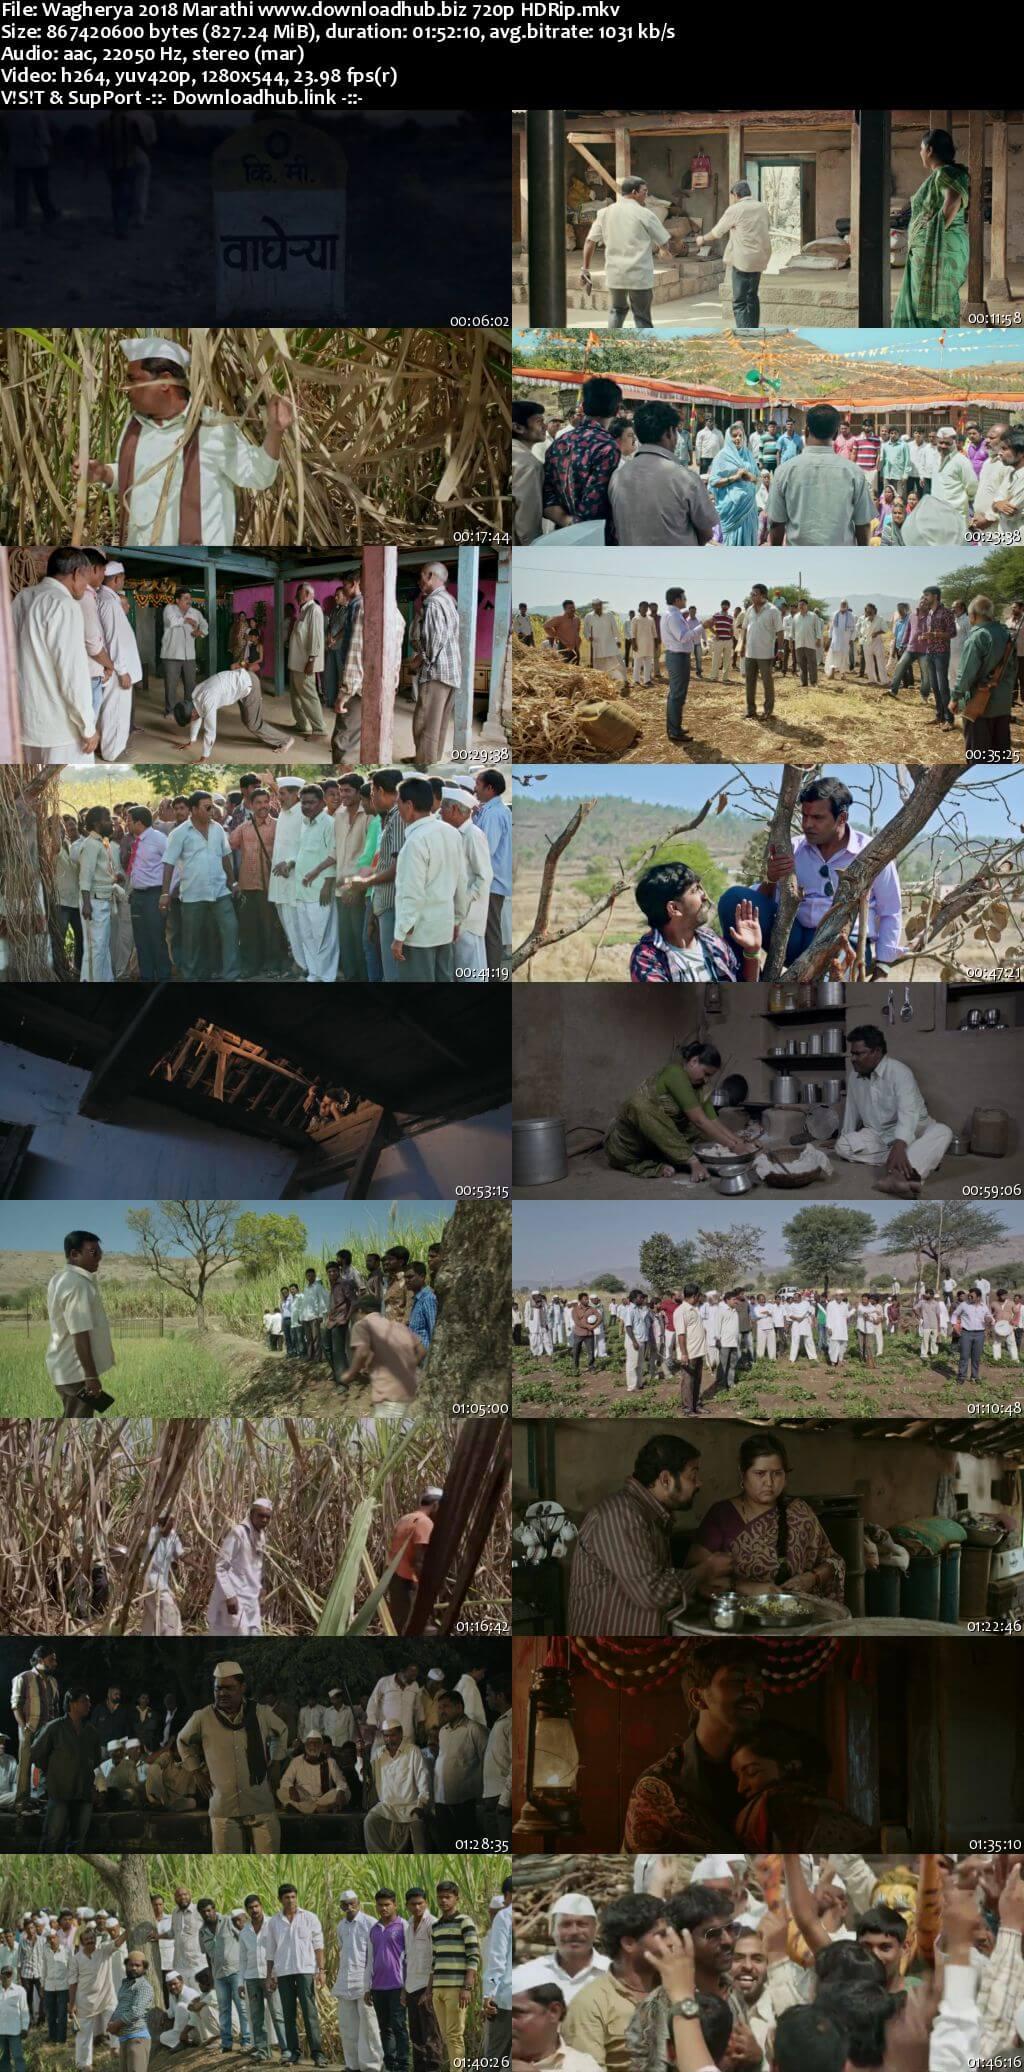 Wagherya 2018 Marathi 720p HDRip x264